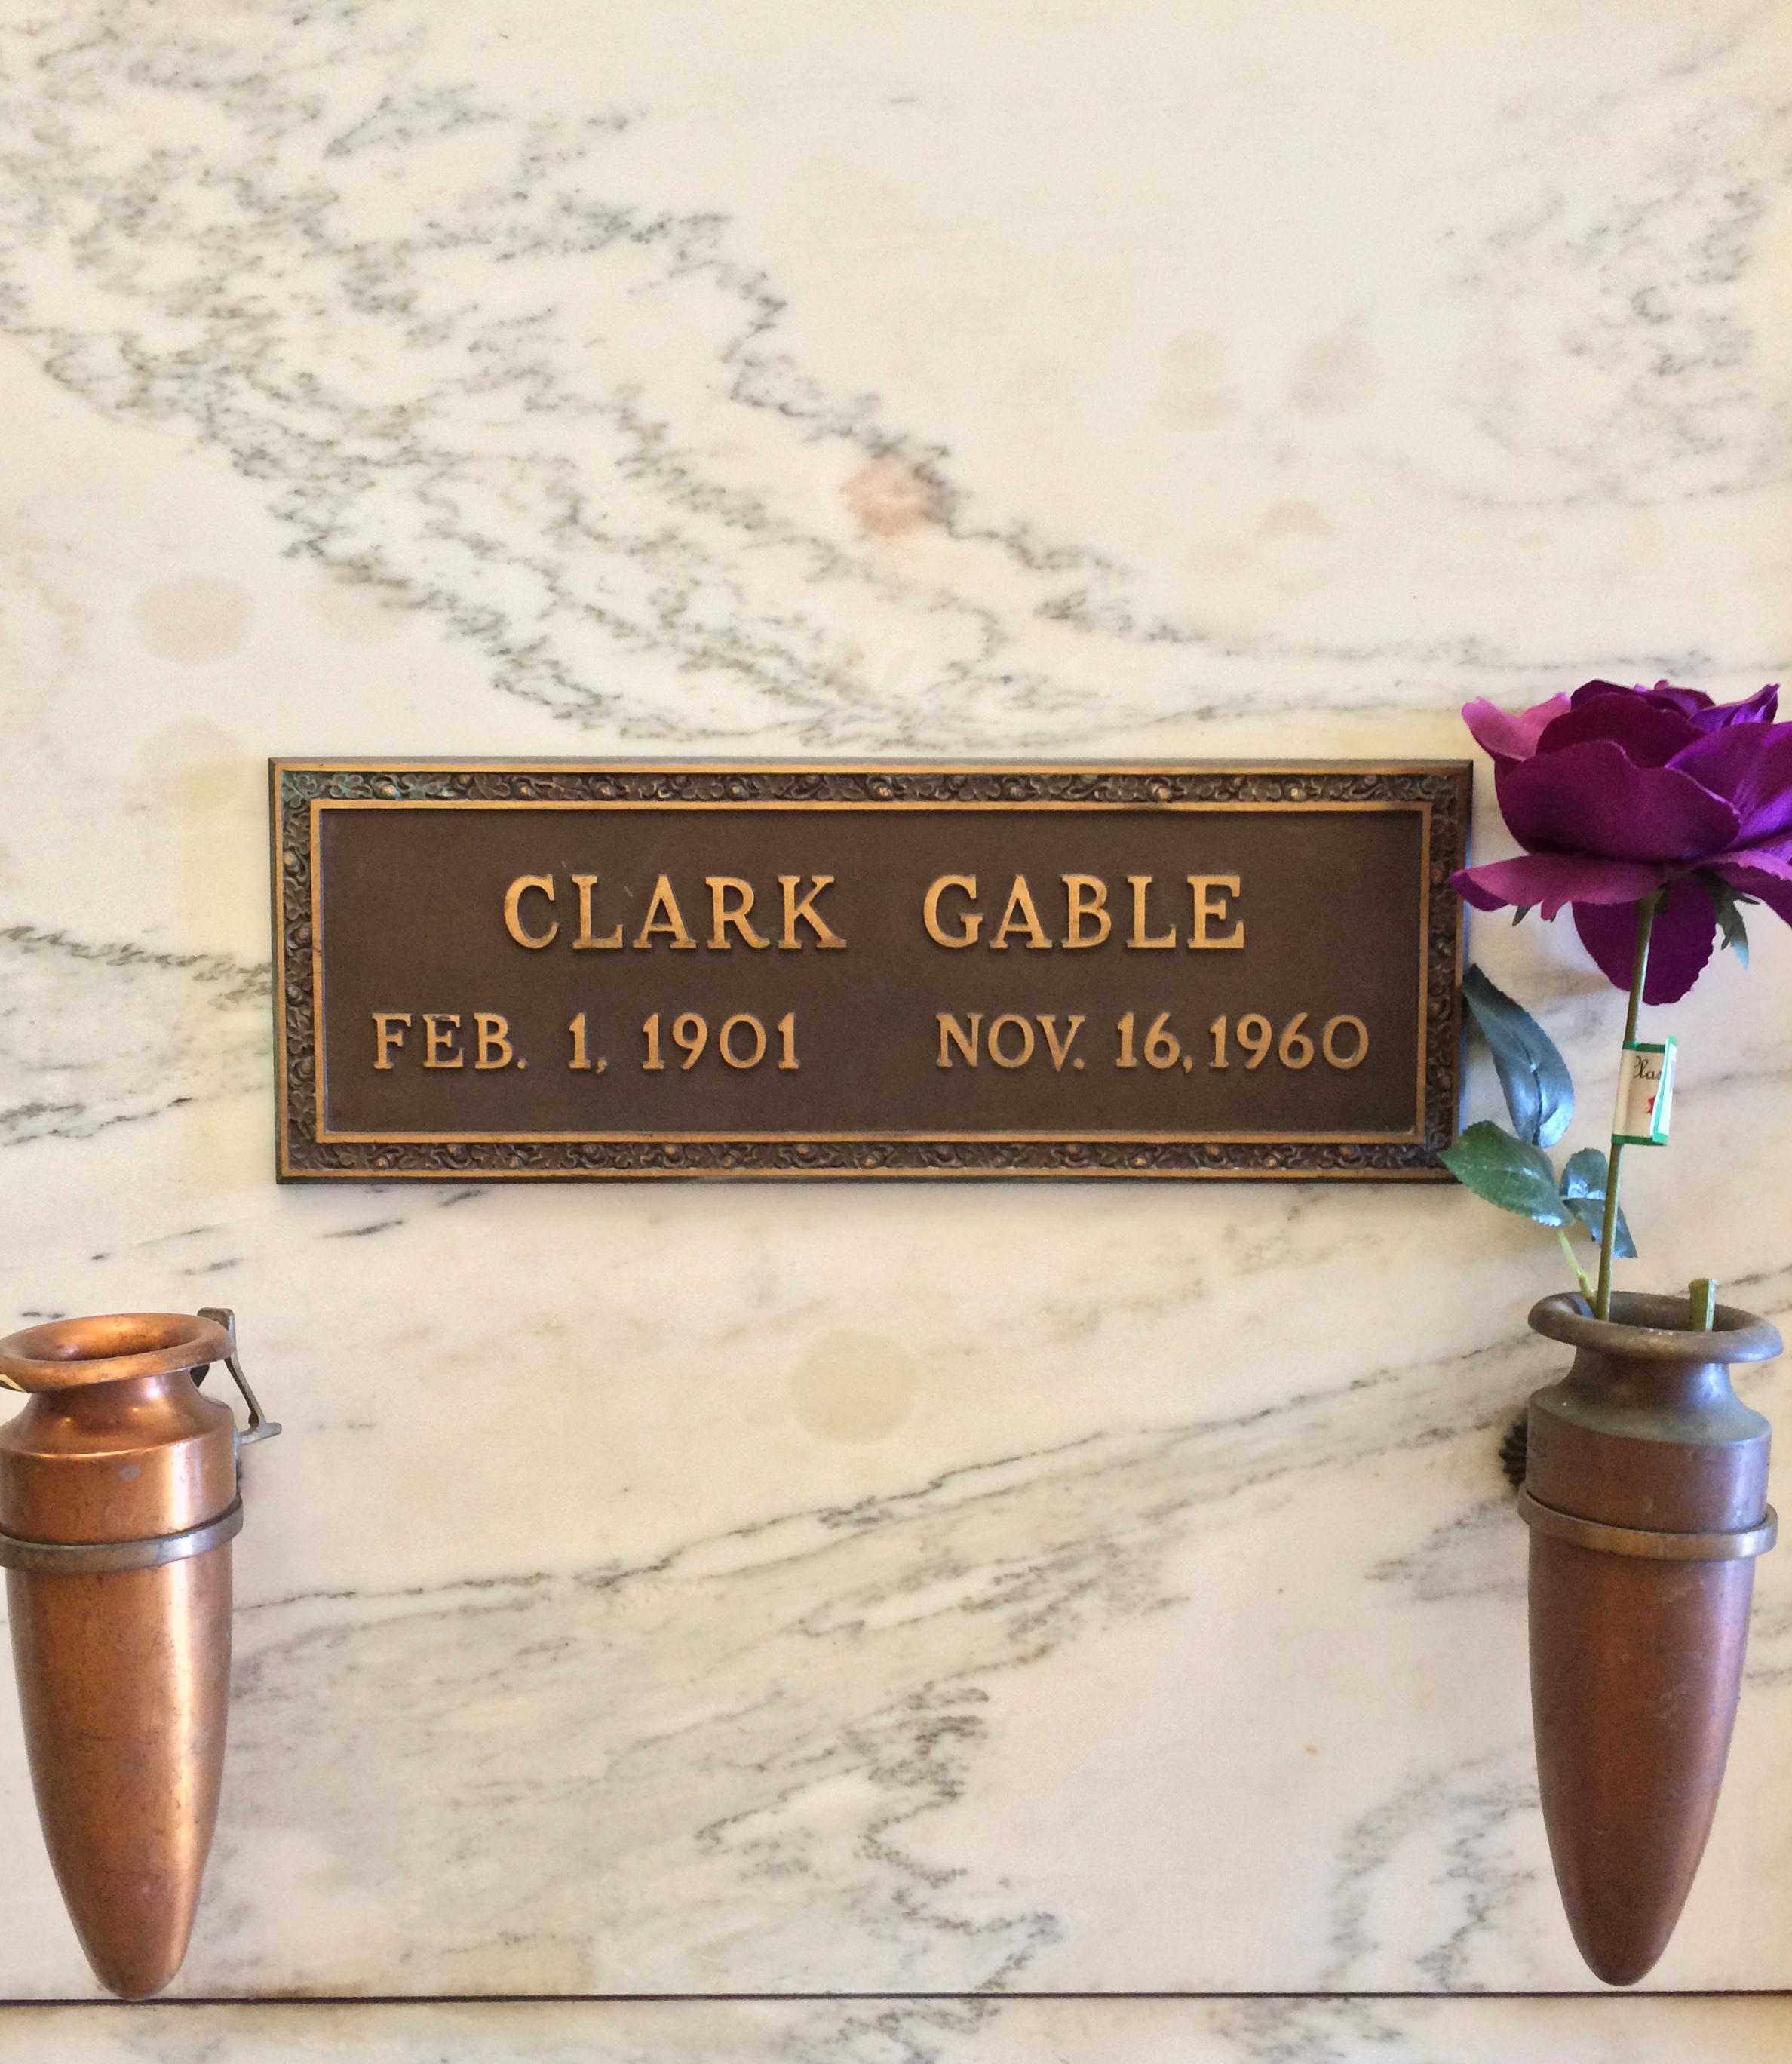 https://upload.wikimedia.org/wikipedia/commons/e/e9/Clark_Gable_Grave.JPG